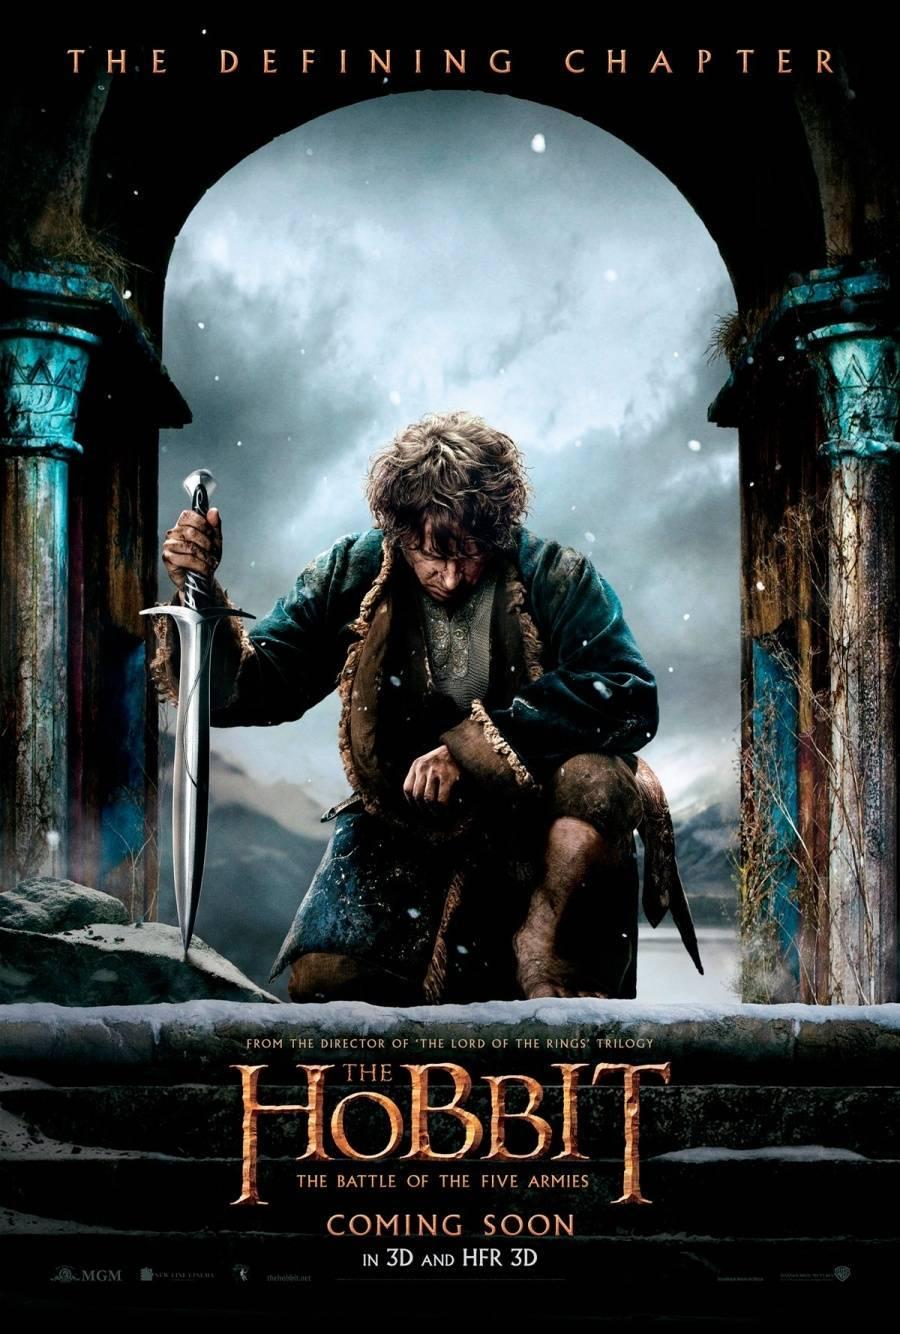 O Hobbit: A Batalha dos Cinco Exércitos foge do tom cansativo dos filmes anteriores e empolga com ação